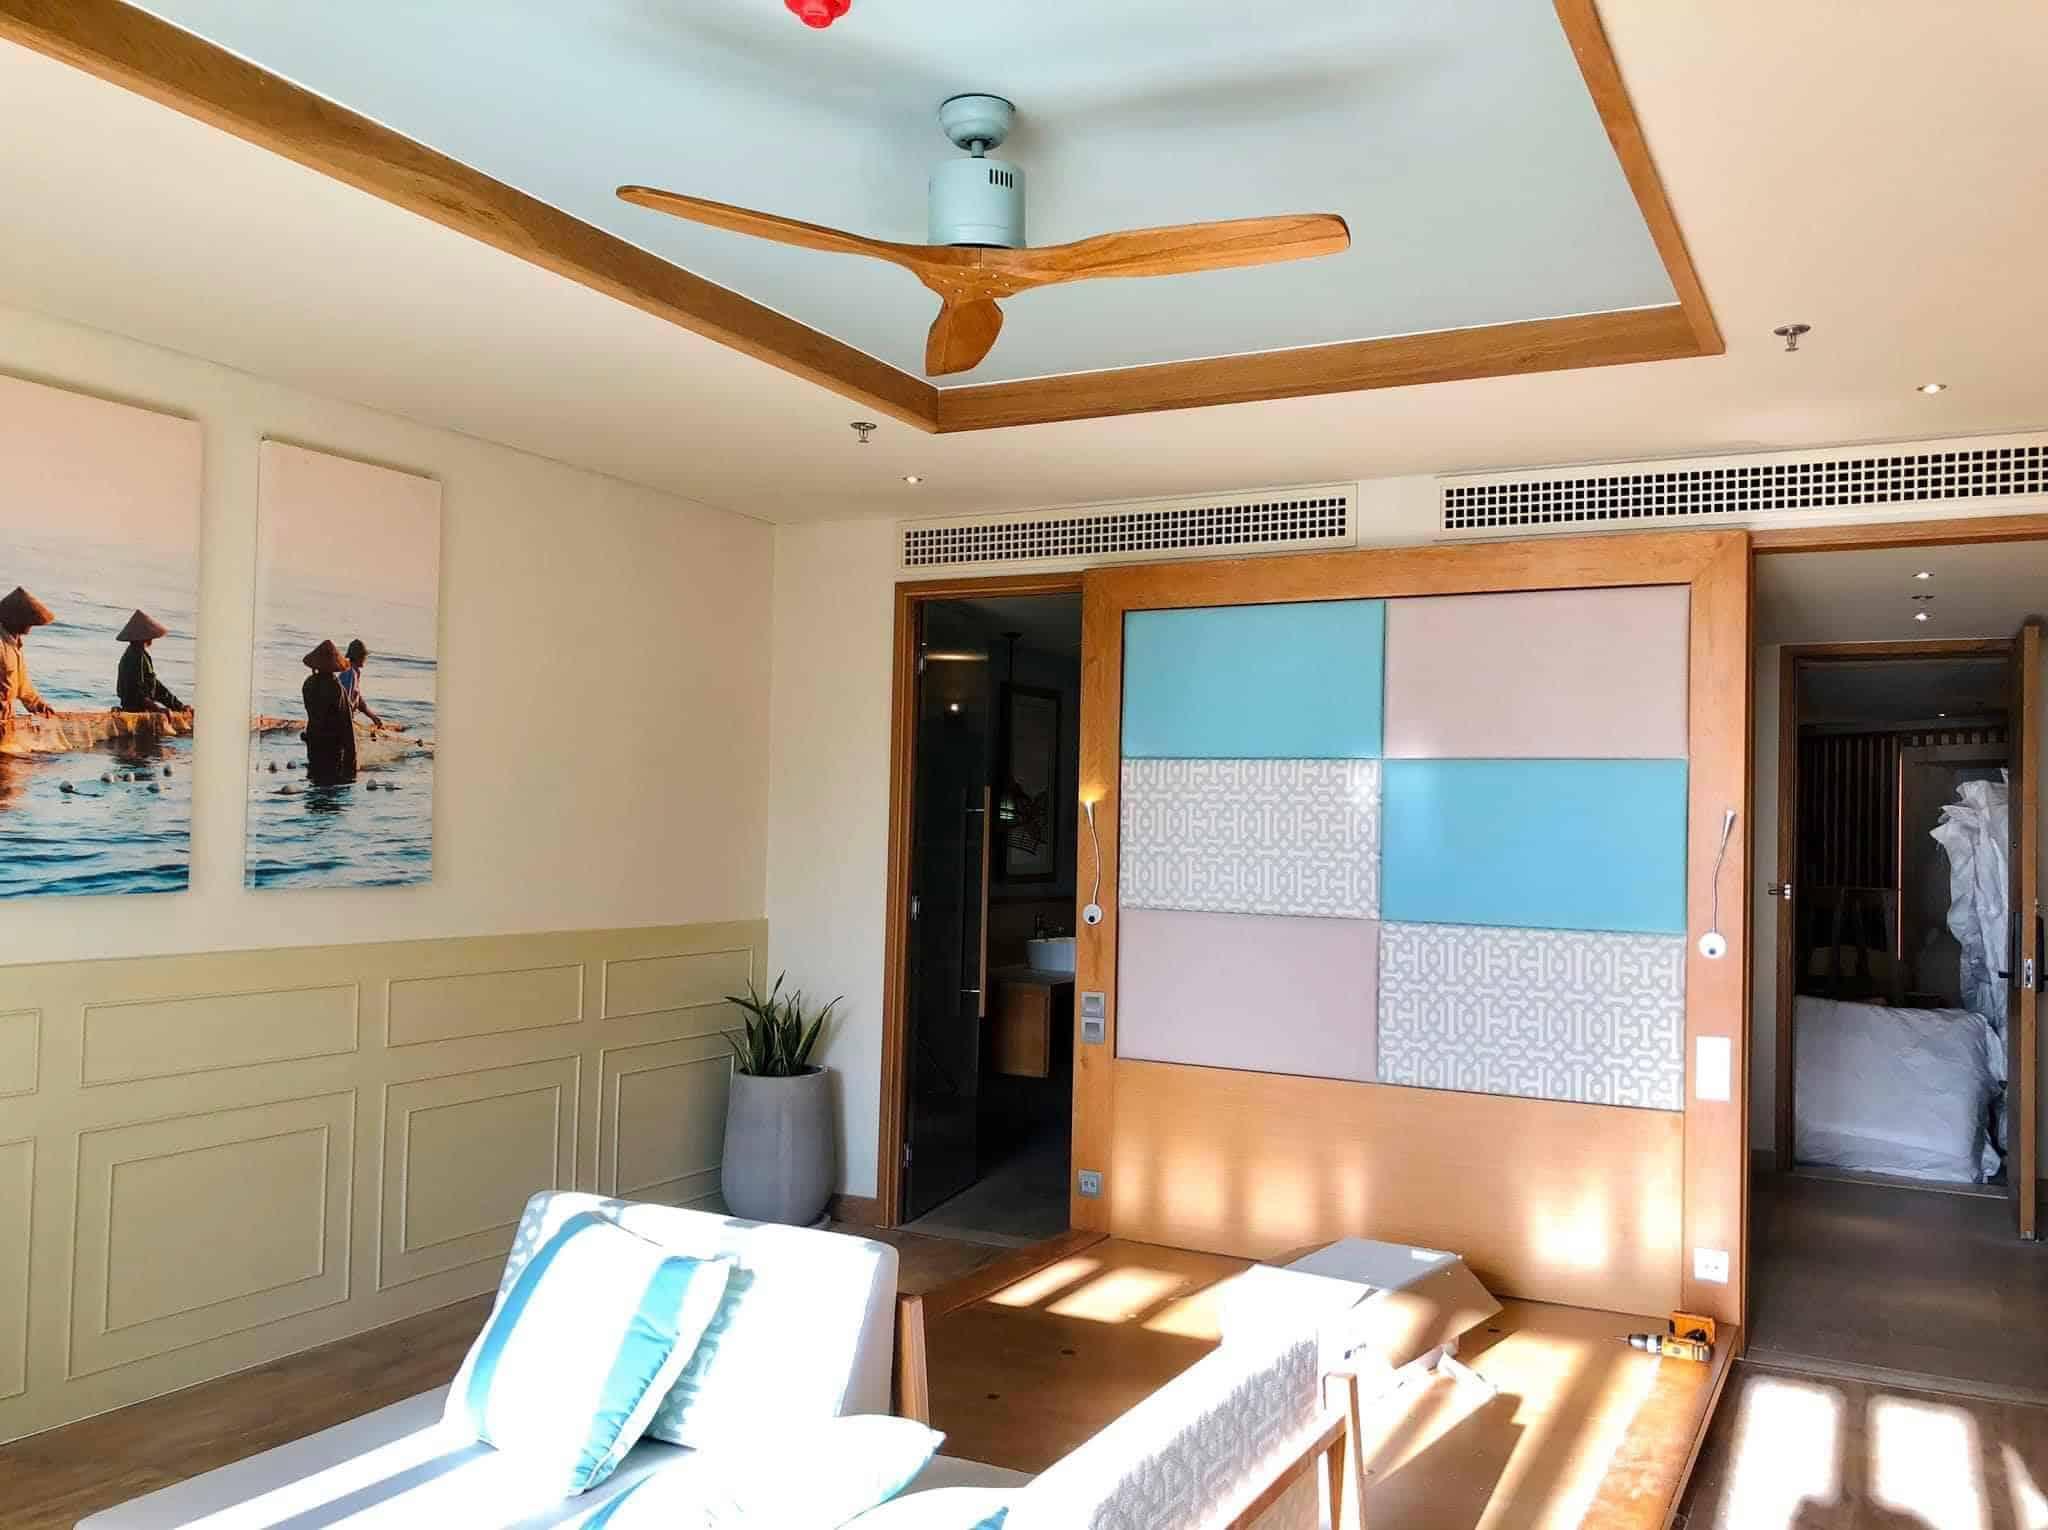 Xu hướng trang trí không gian với quạt trần trong phòng bếp